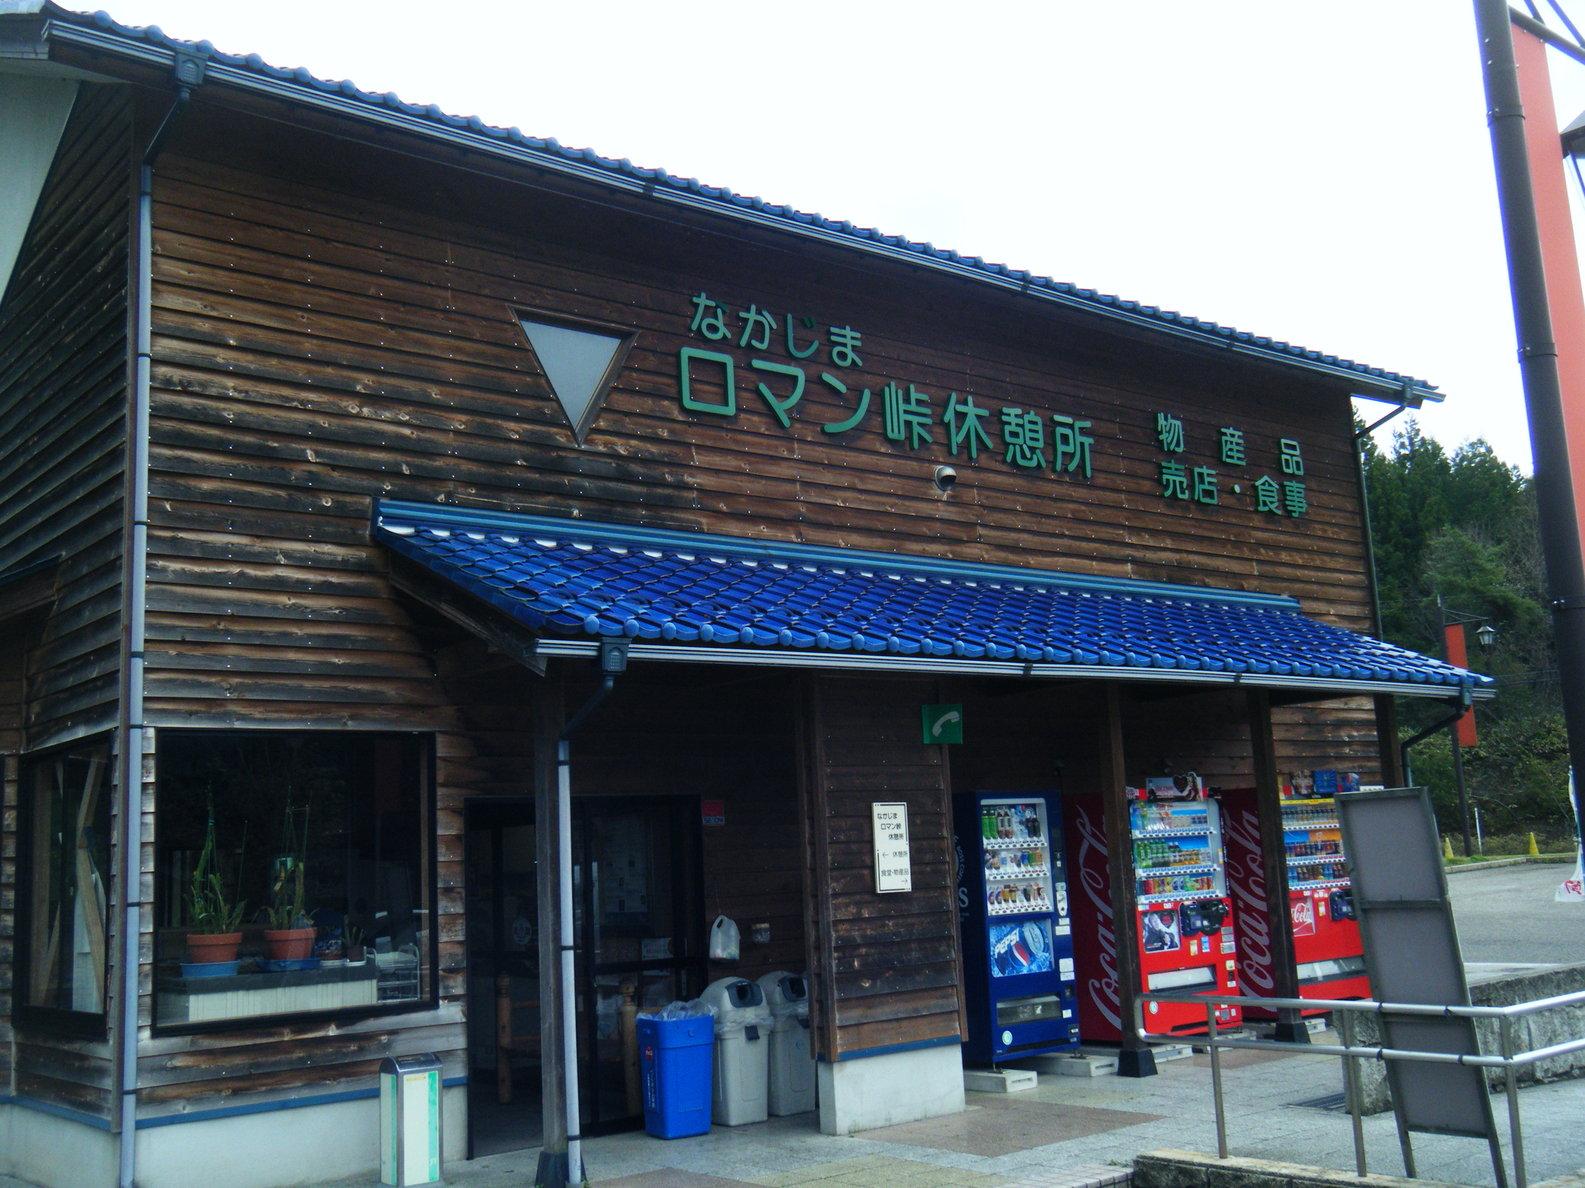 中島ロマン峠峠茶屋